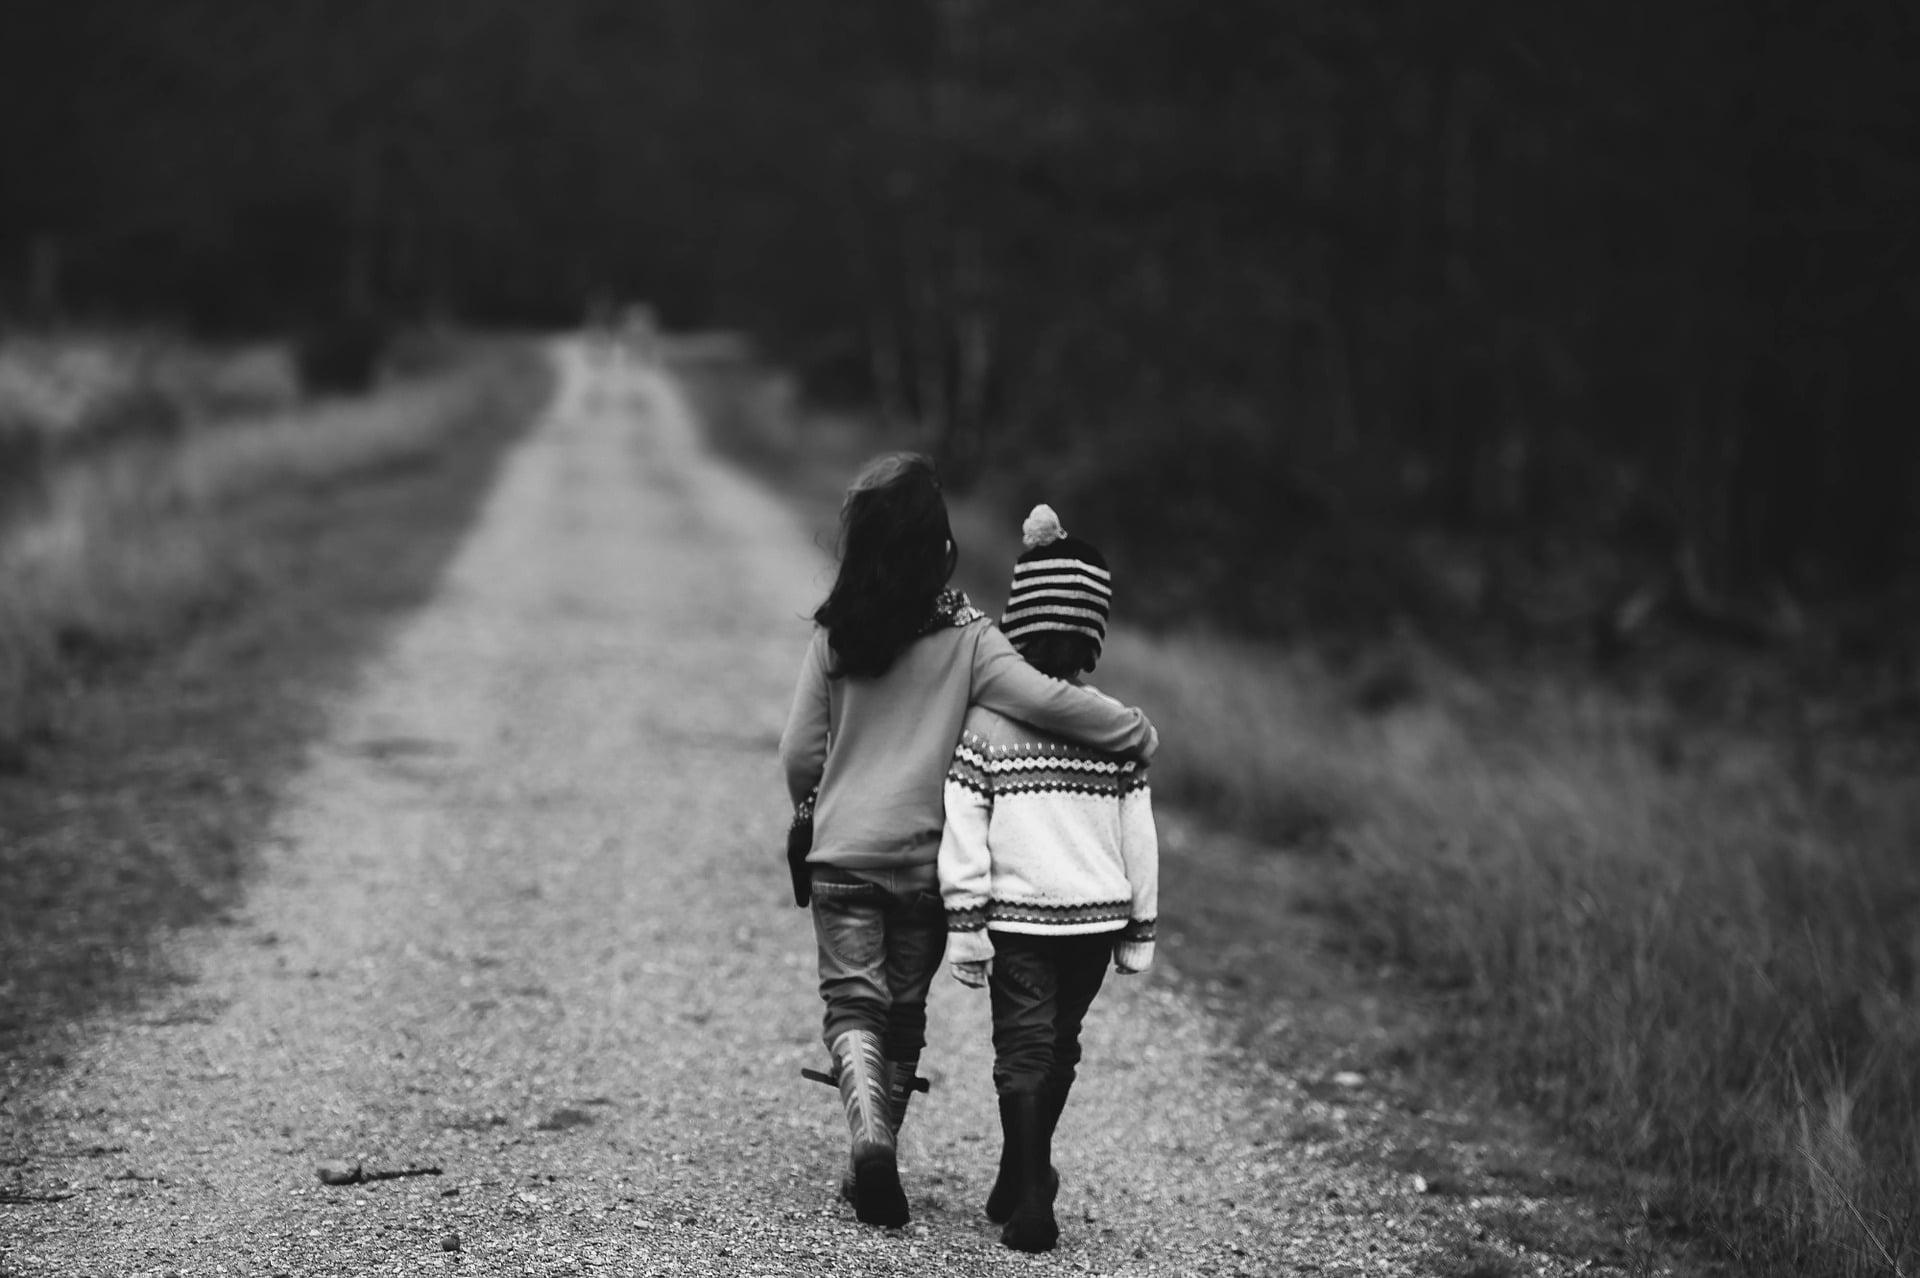 Cum îți înveți copilul să fie tolerant? Ți-ai pus vreodată întrebarea?